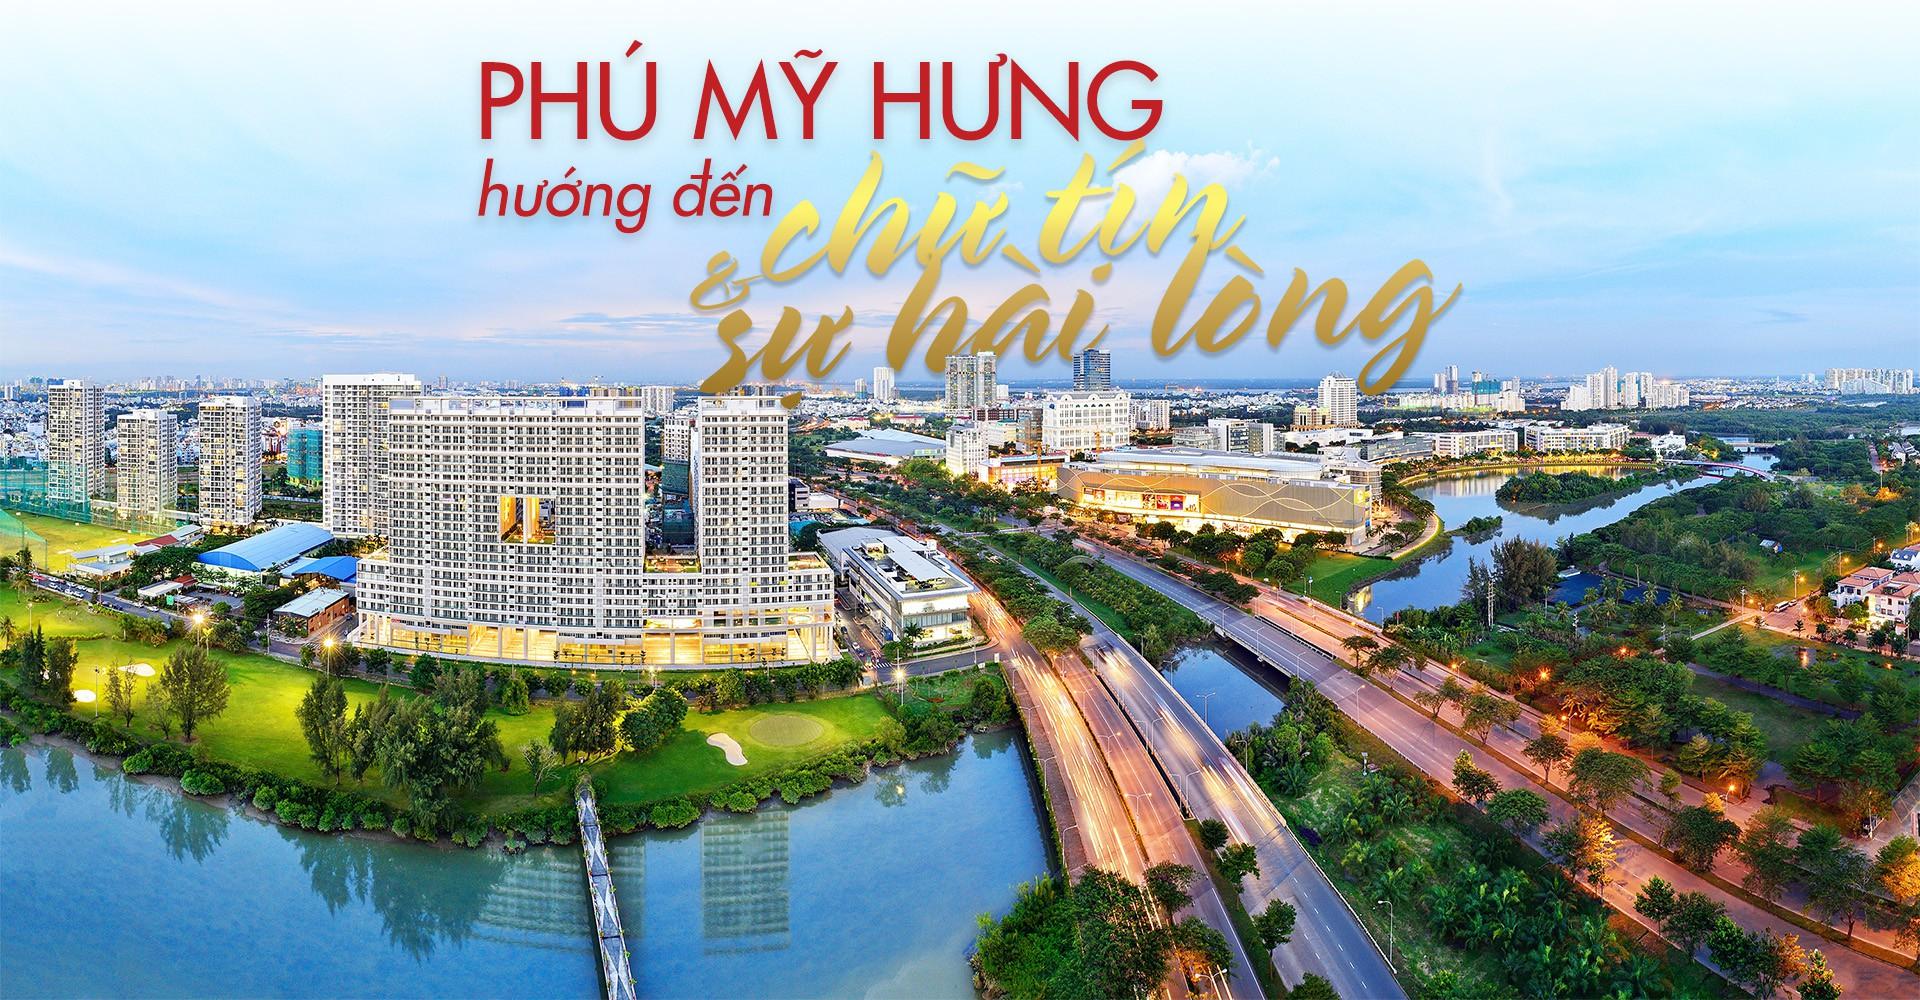 biet-thu-hong-thinh-phu-my-hung-quan-7